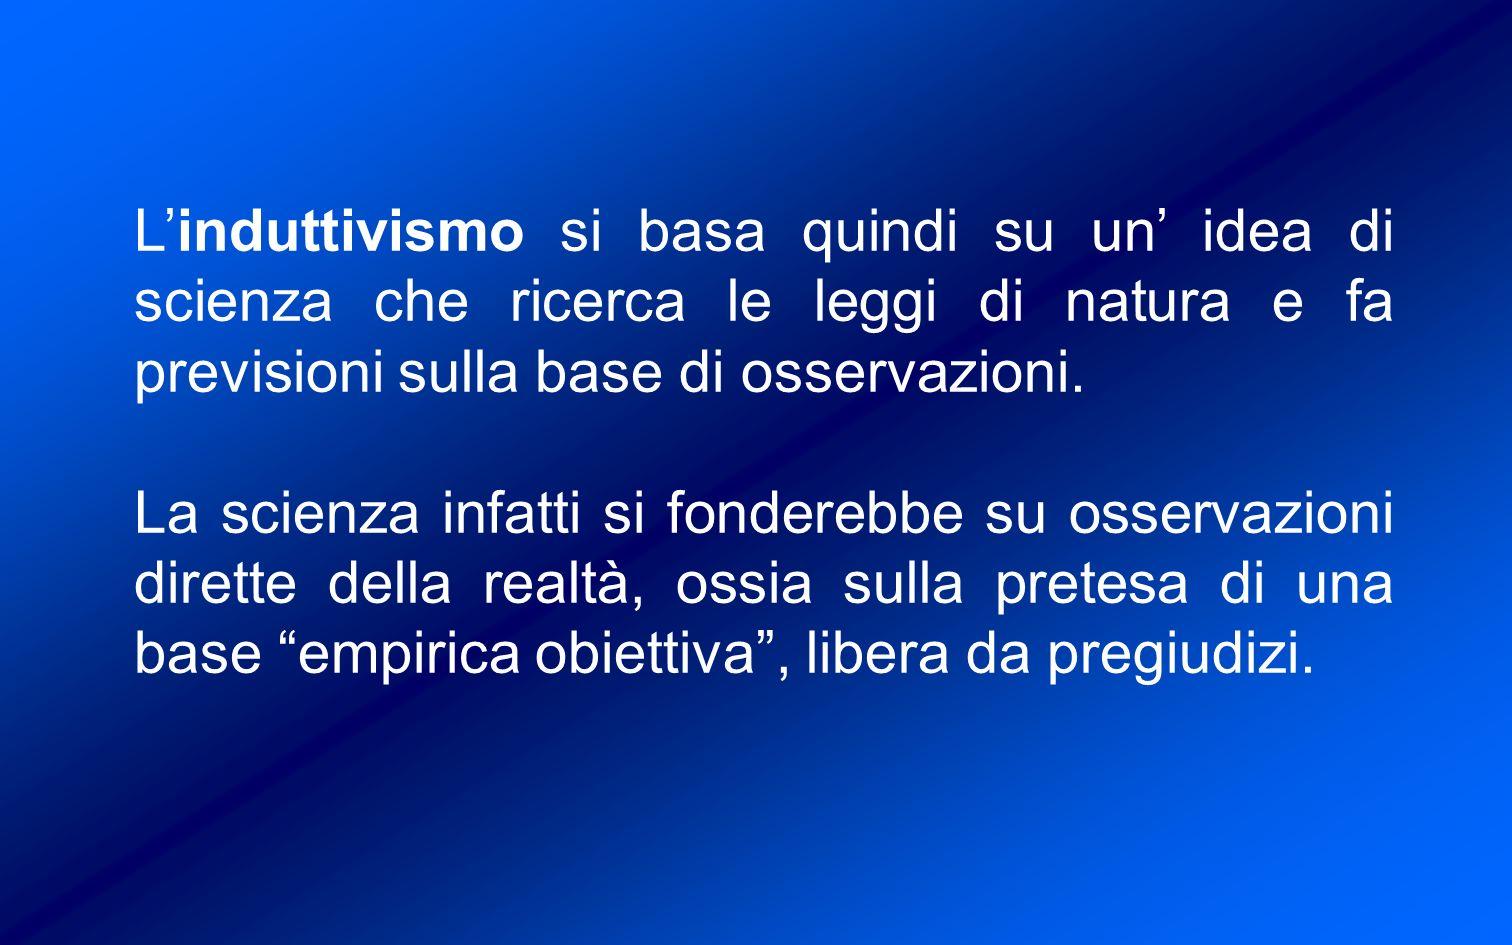 Linduttivismo si basa quindi su un idea di scienza che ricerca le leggi di natura e fa previsioni sulla base di osservazioni.